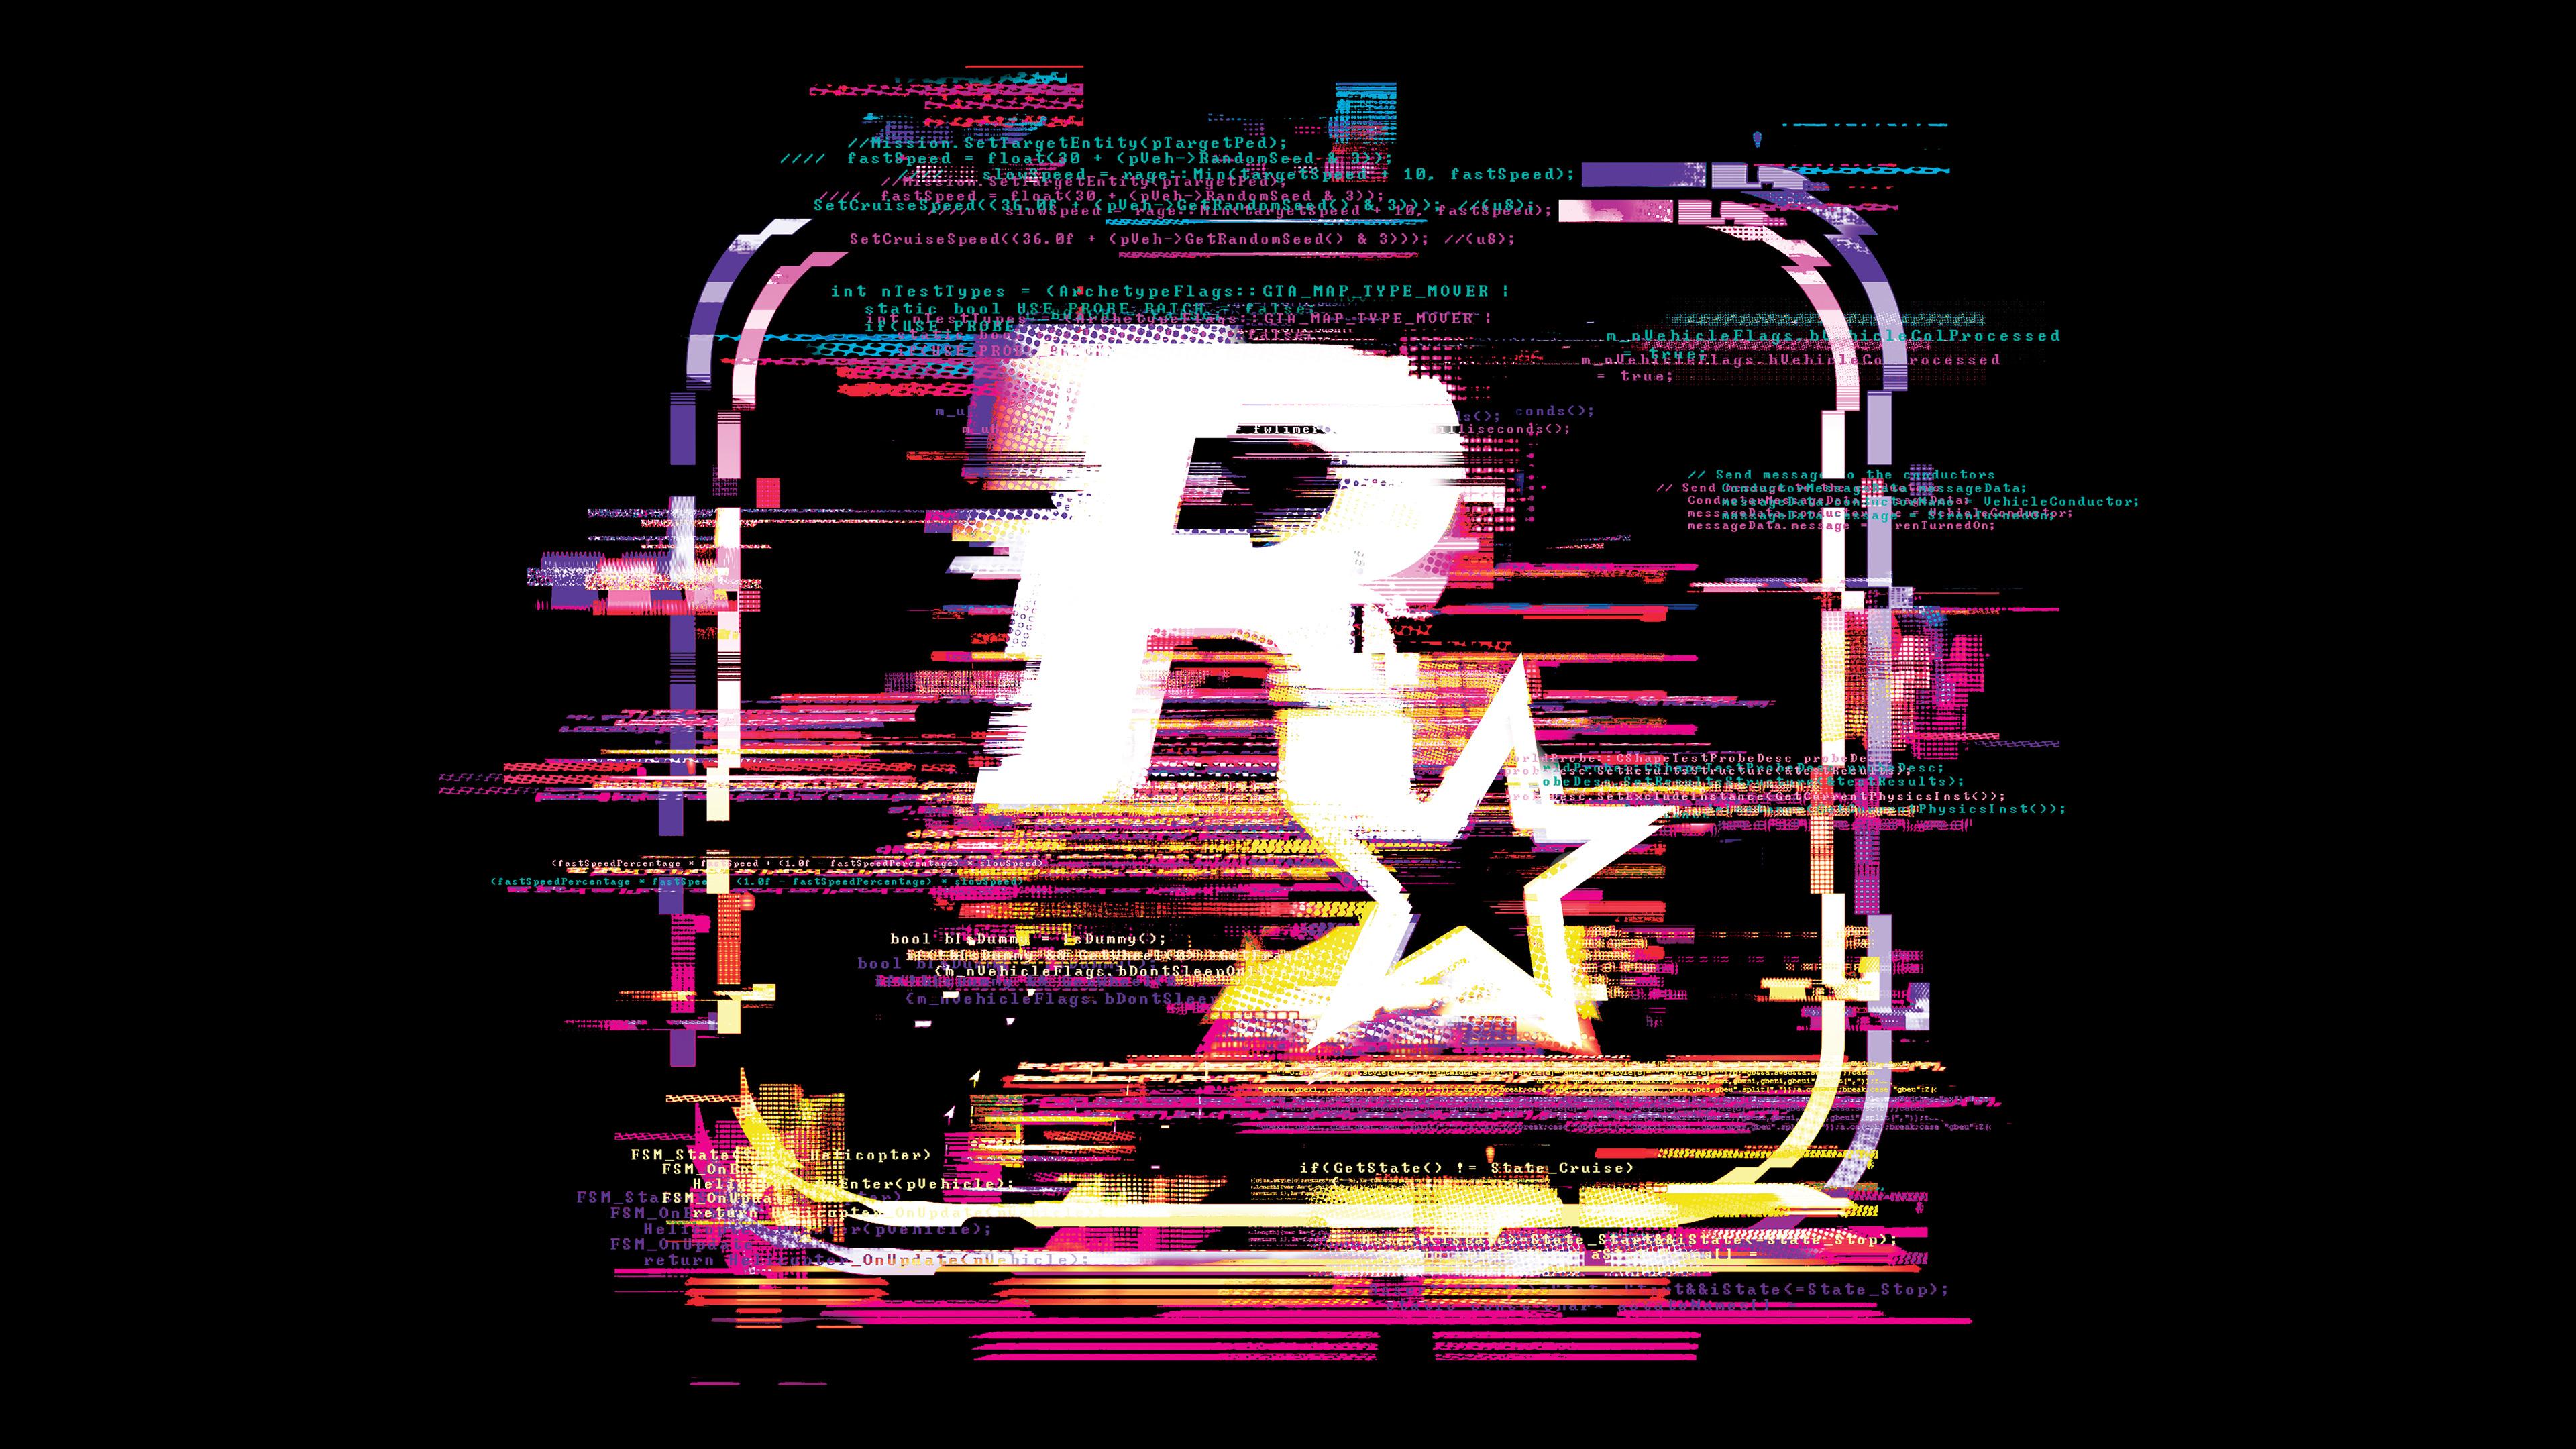 noise_logo_3840x2160.jpg